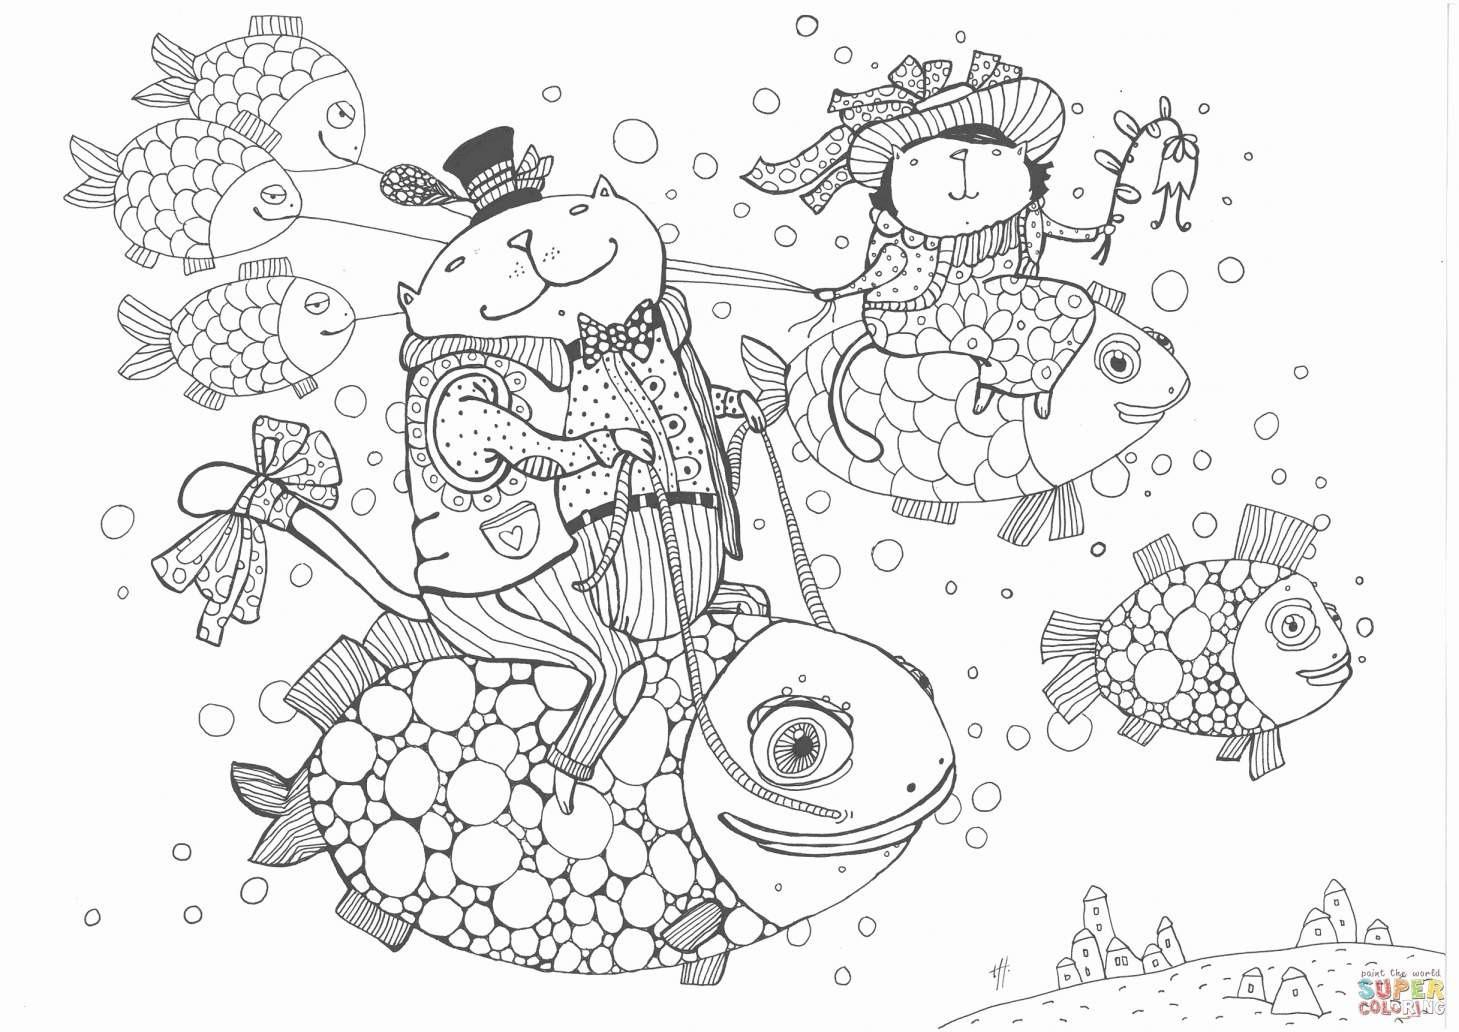 Mario Zum Ausmalen Das Beste Von Princess Peach Mario Kart Coloring Page Printable Einzigartig Baby Stock